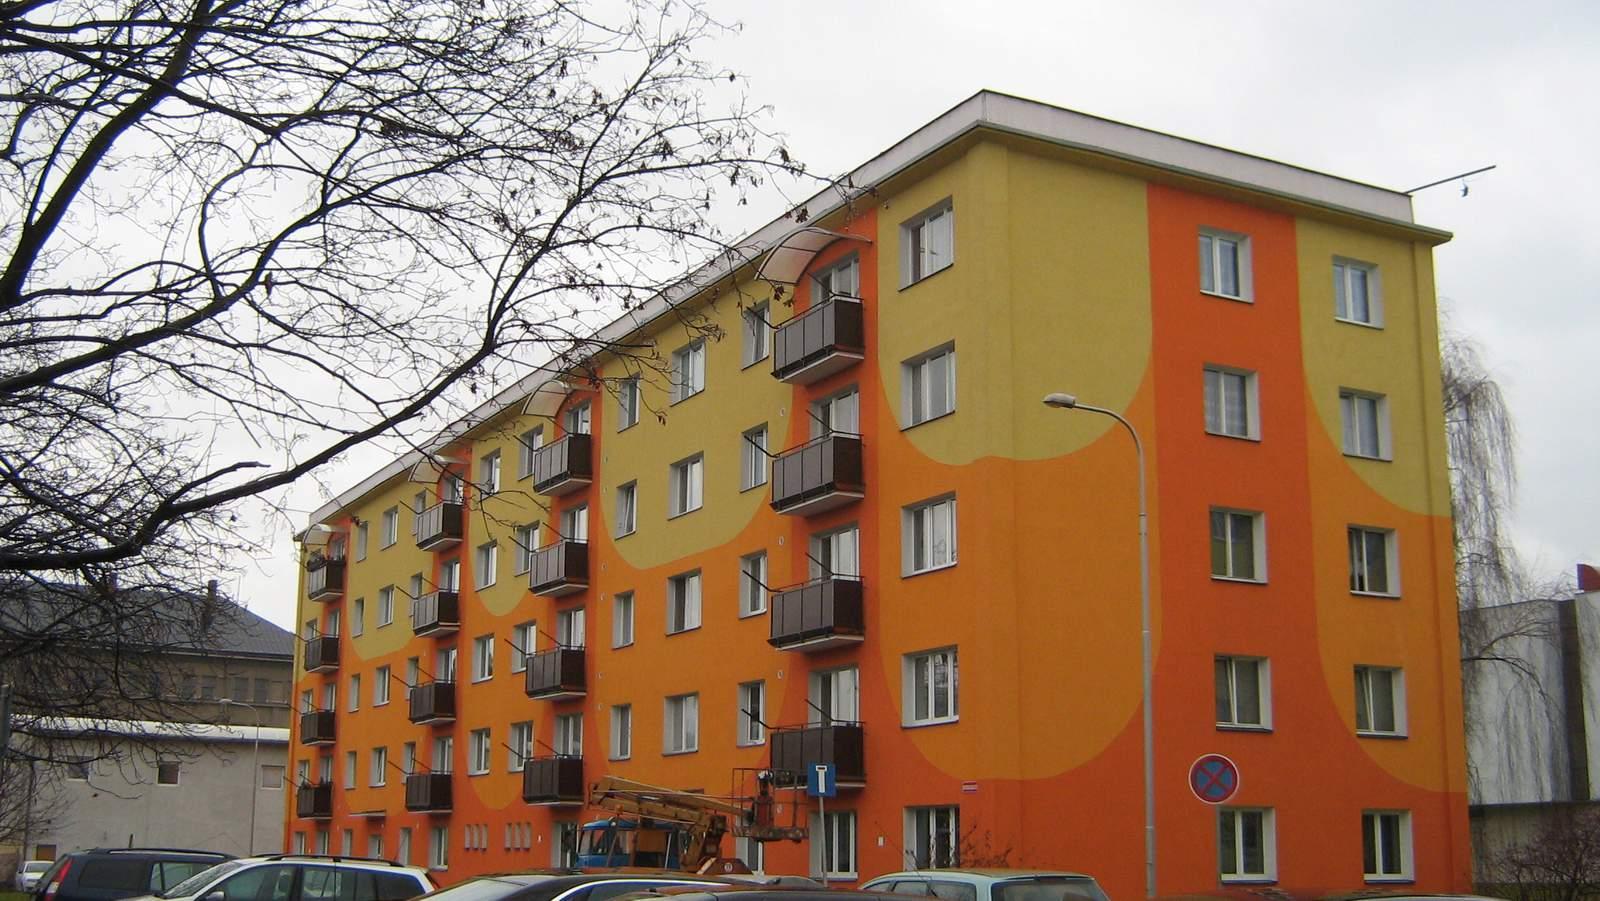 Tepelná izolace Přerov - zateplování, opláštění budov a domů